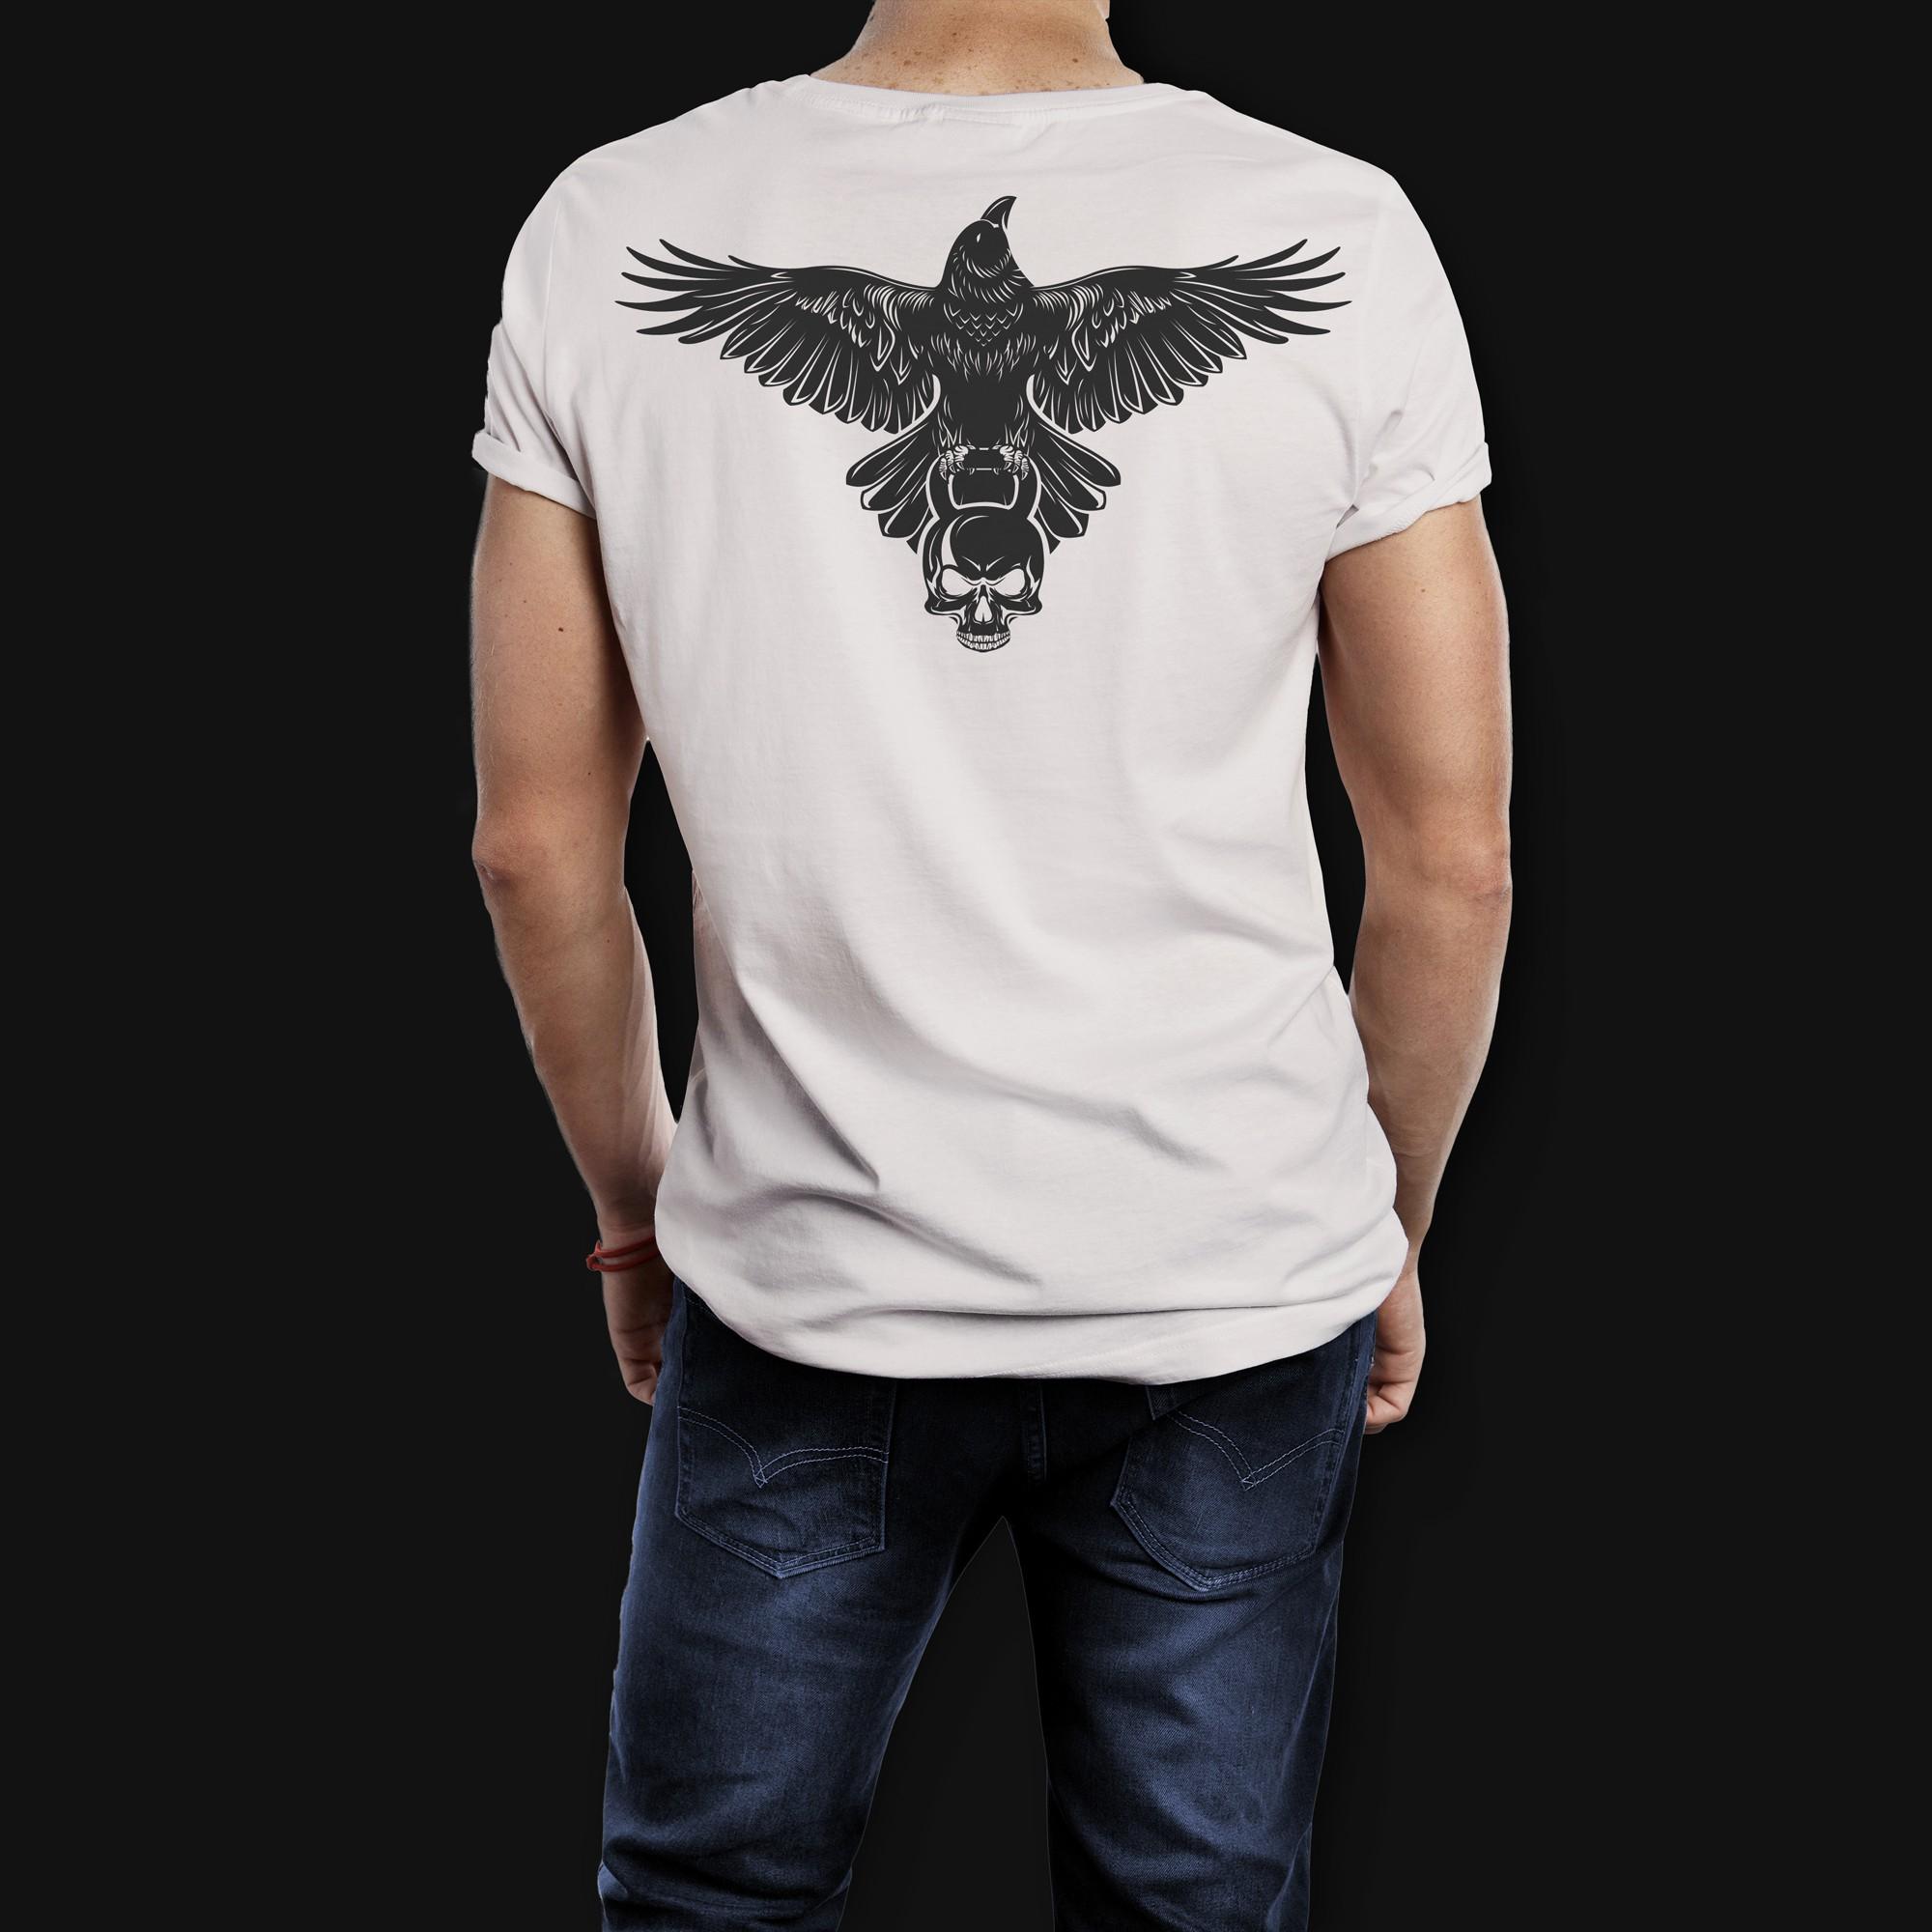 REKKR Tshirt Design